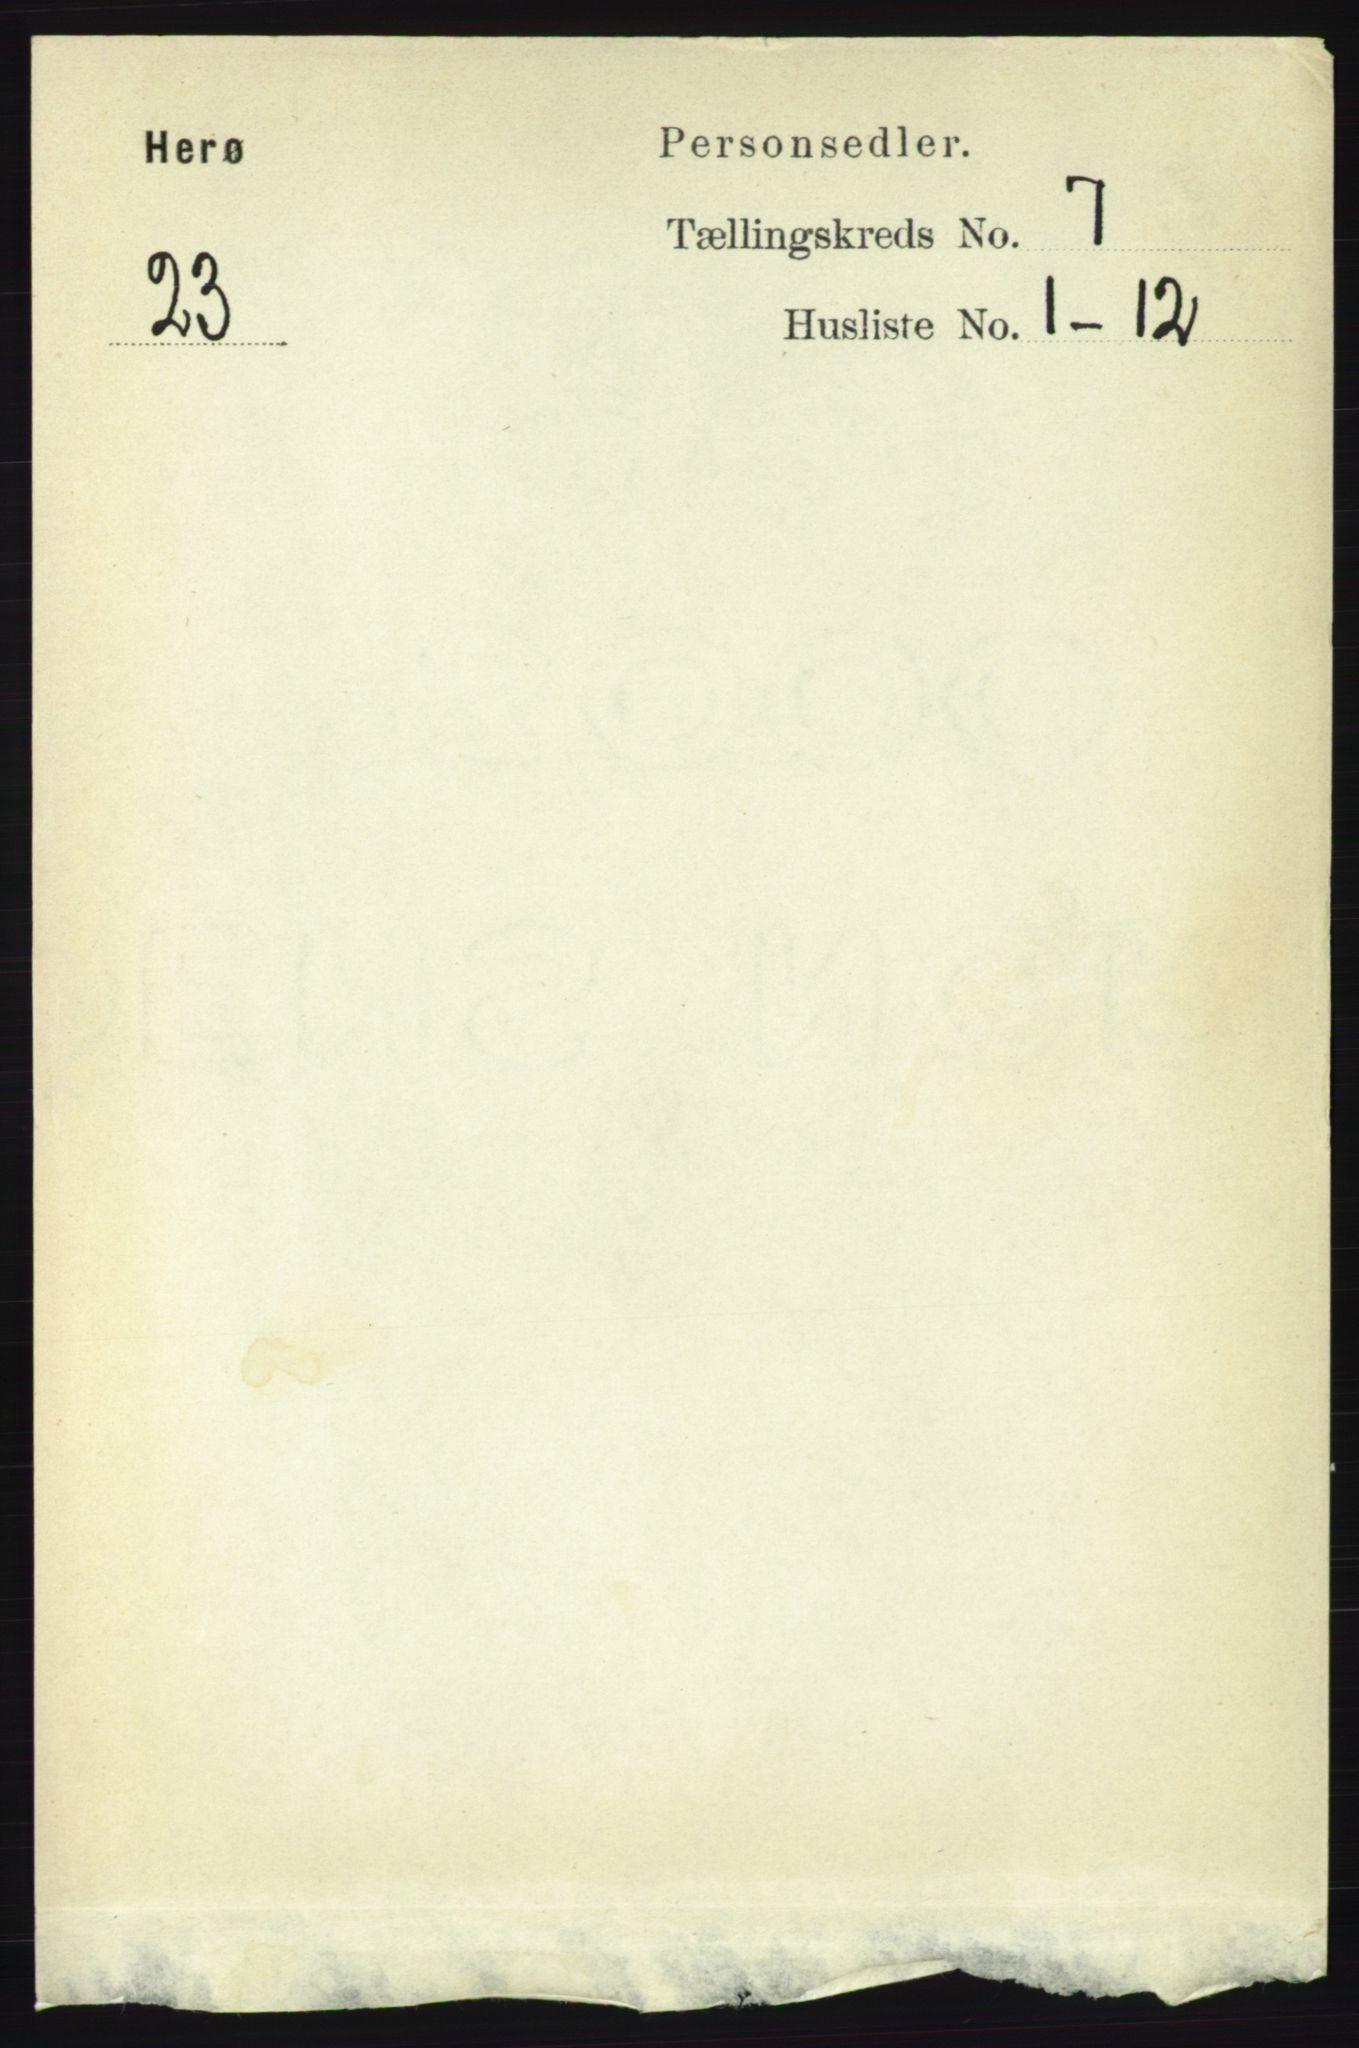 RA, Folketelling 1891 for 1818 Herøy herred, 1891, s. 2236